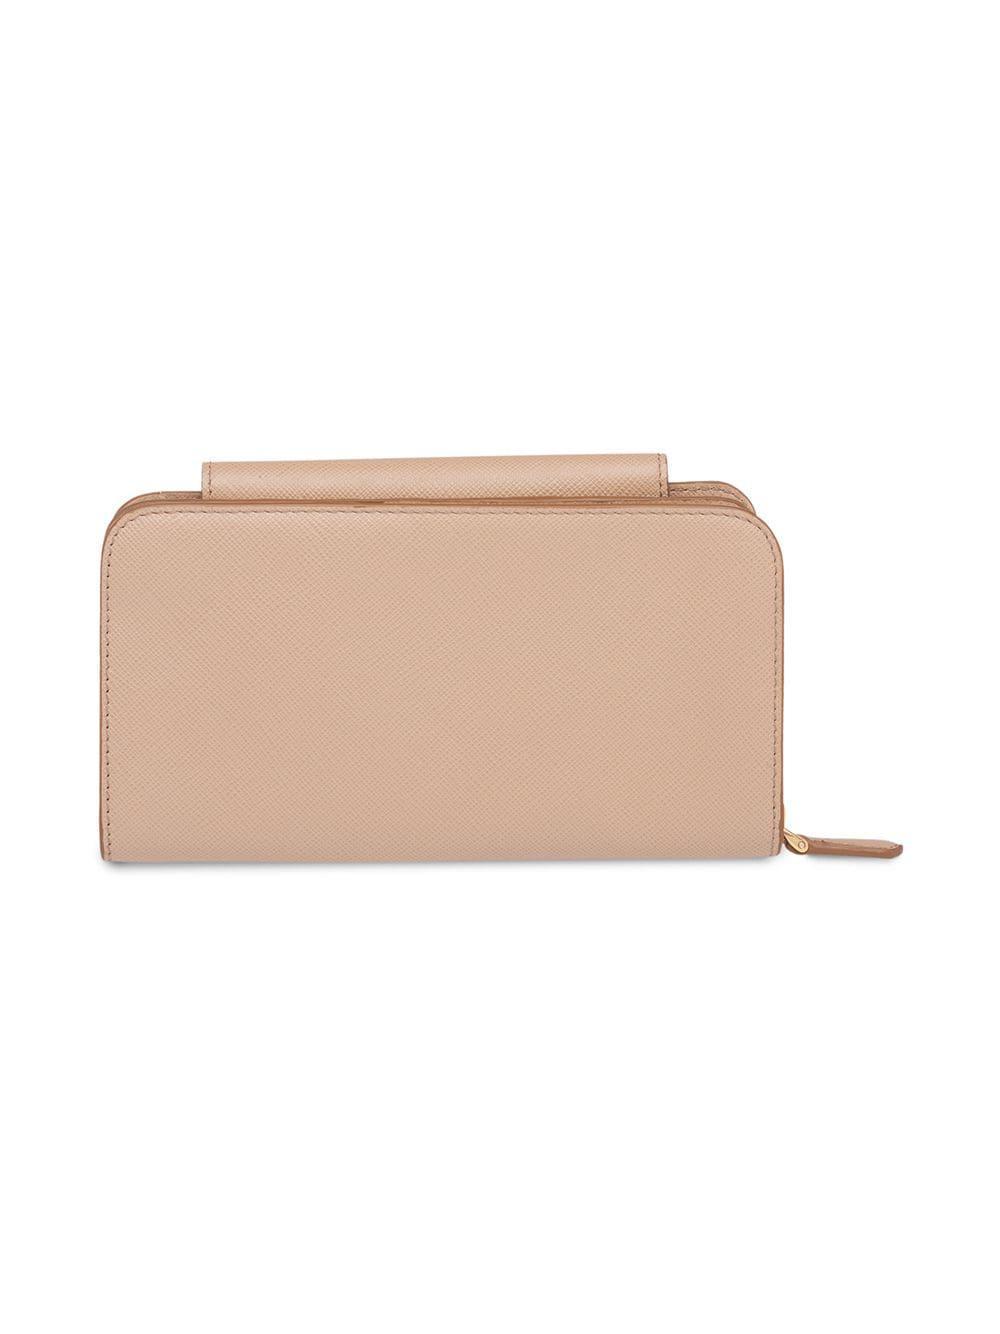 8a14052a50f8 Prada Saffiano Leather Mini Bag in Natural - Lyst